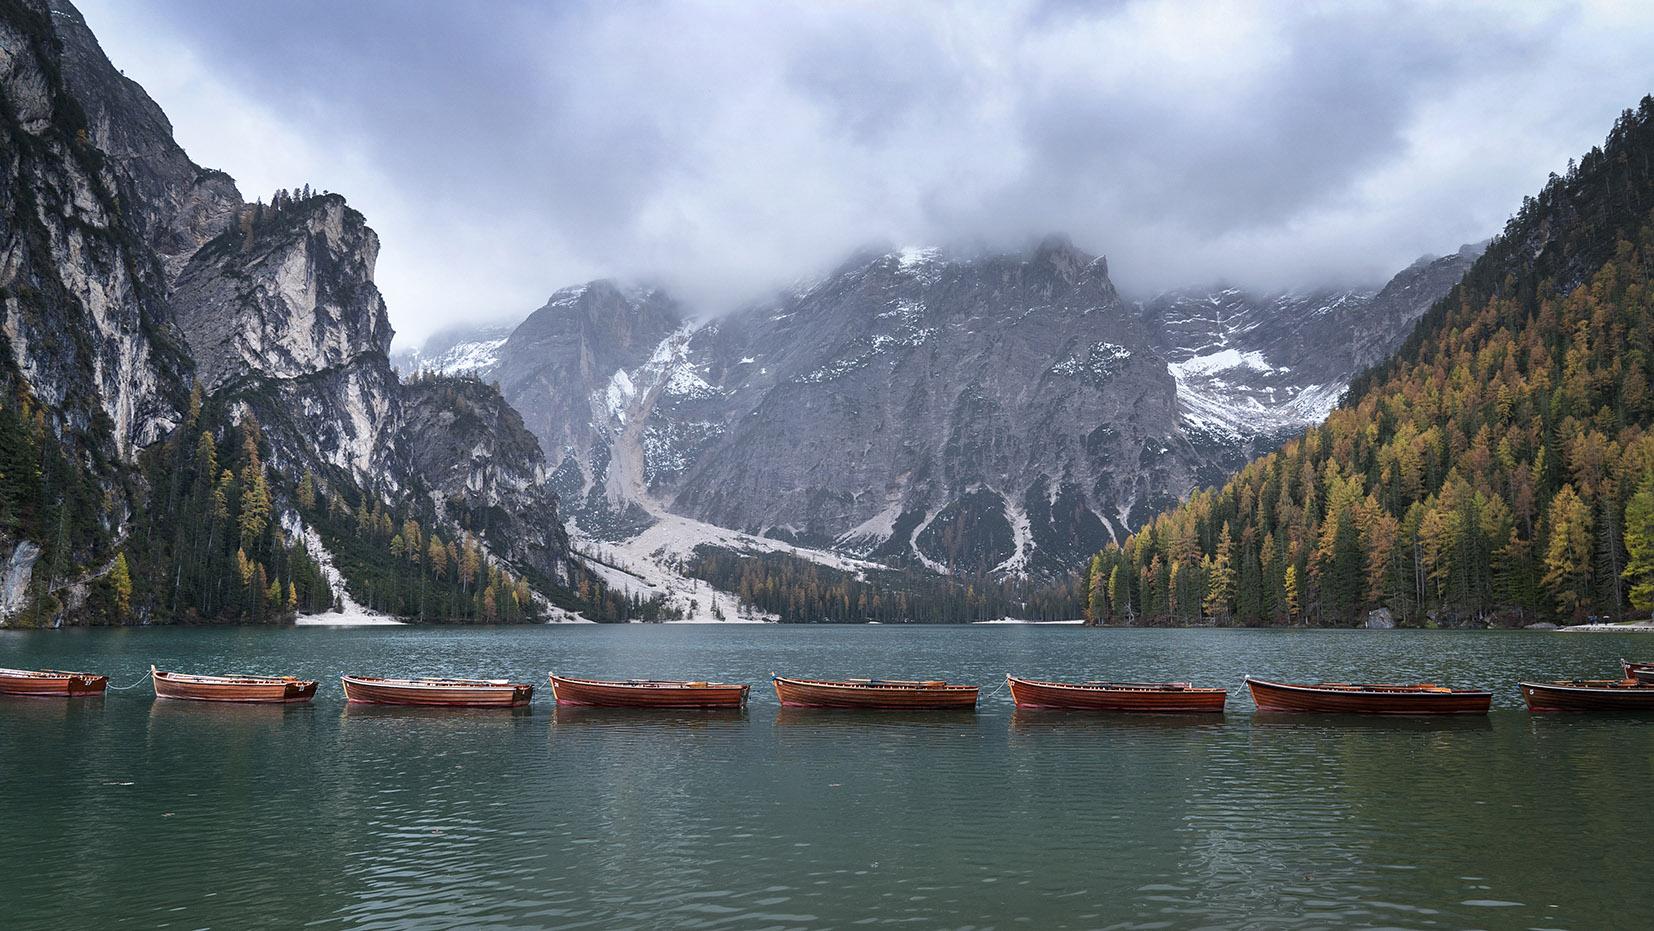 Barques file indienne eau lago di Braies Dolomites sapins montagnes nuages